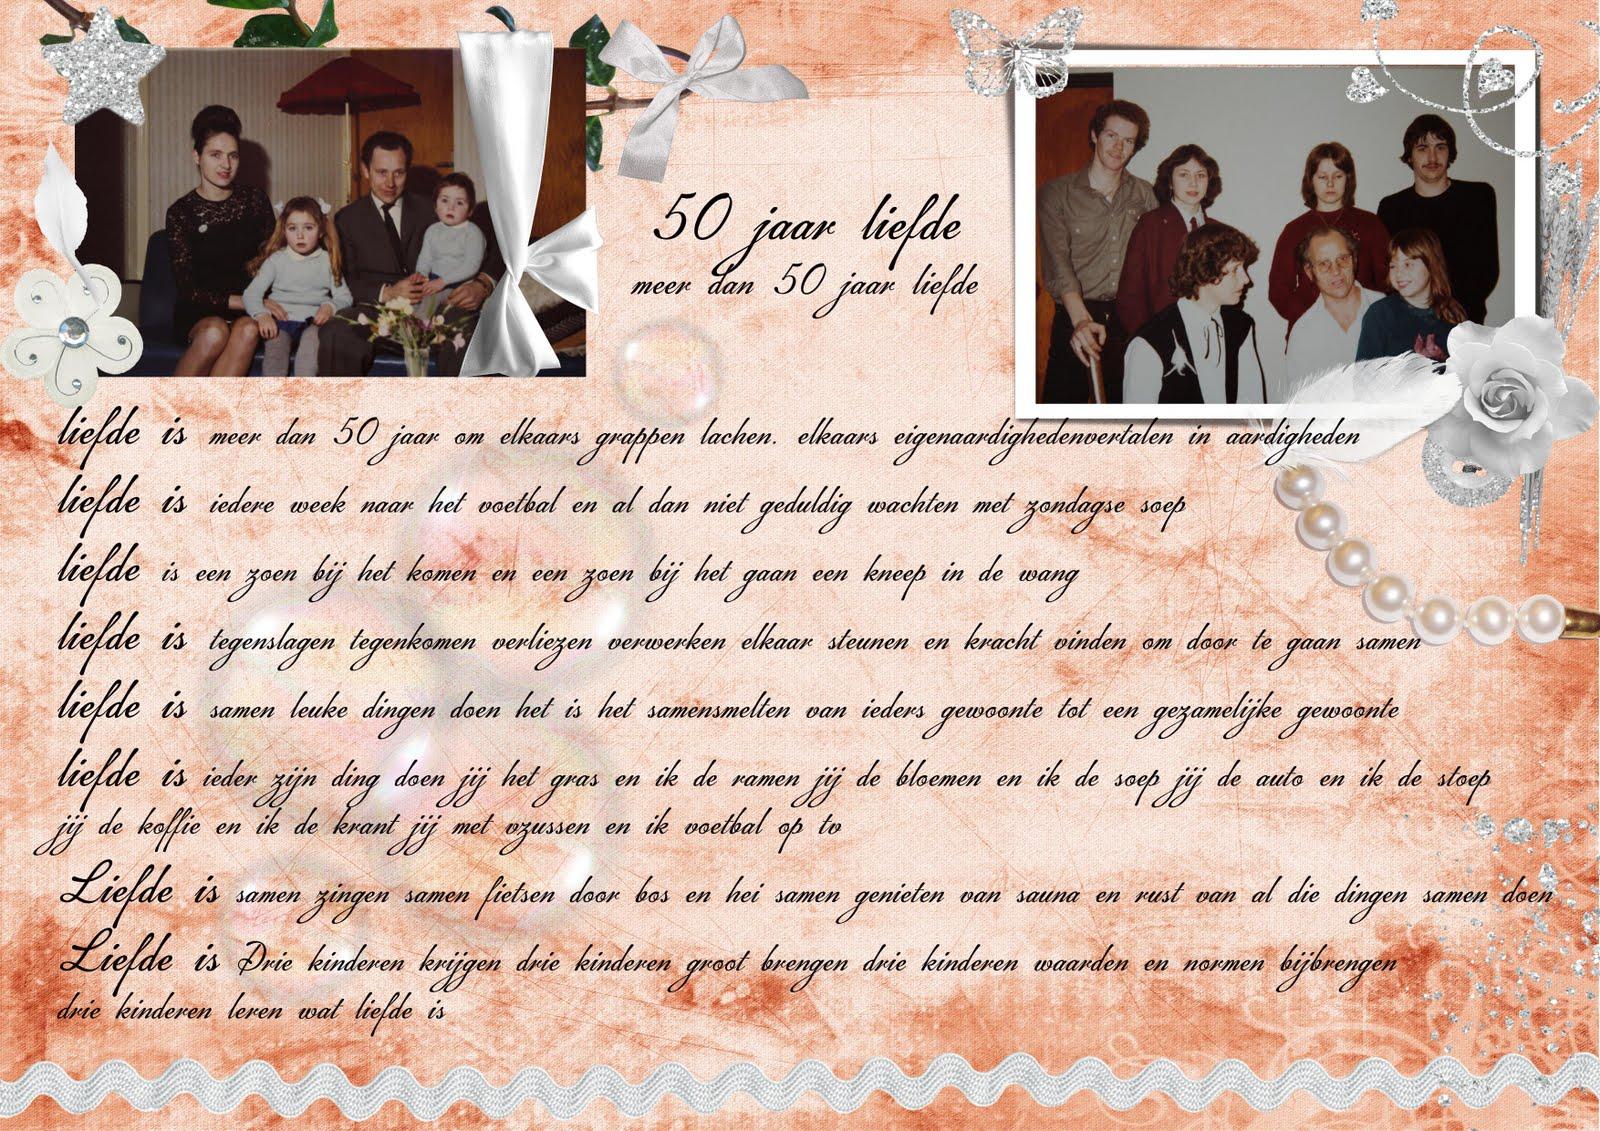 gedichten 50 jaar getrouwd nl Gedicht Voor 50 Jarig Huwelijk   ARCHIDEV gedichten 50 jaar getrouwd nl